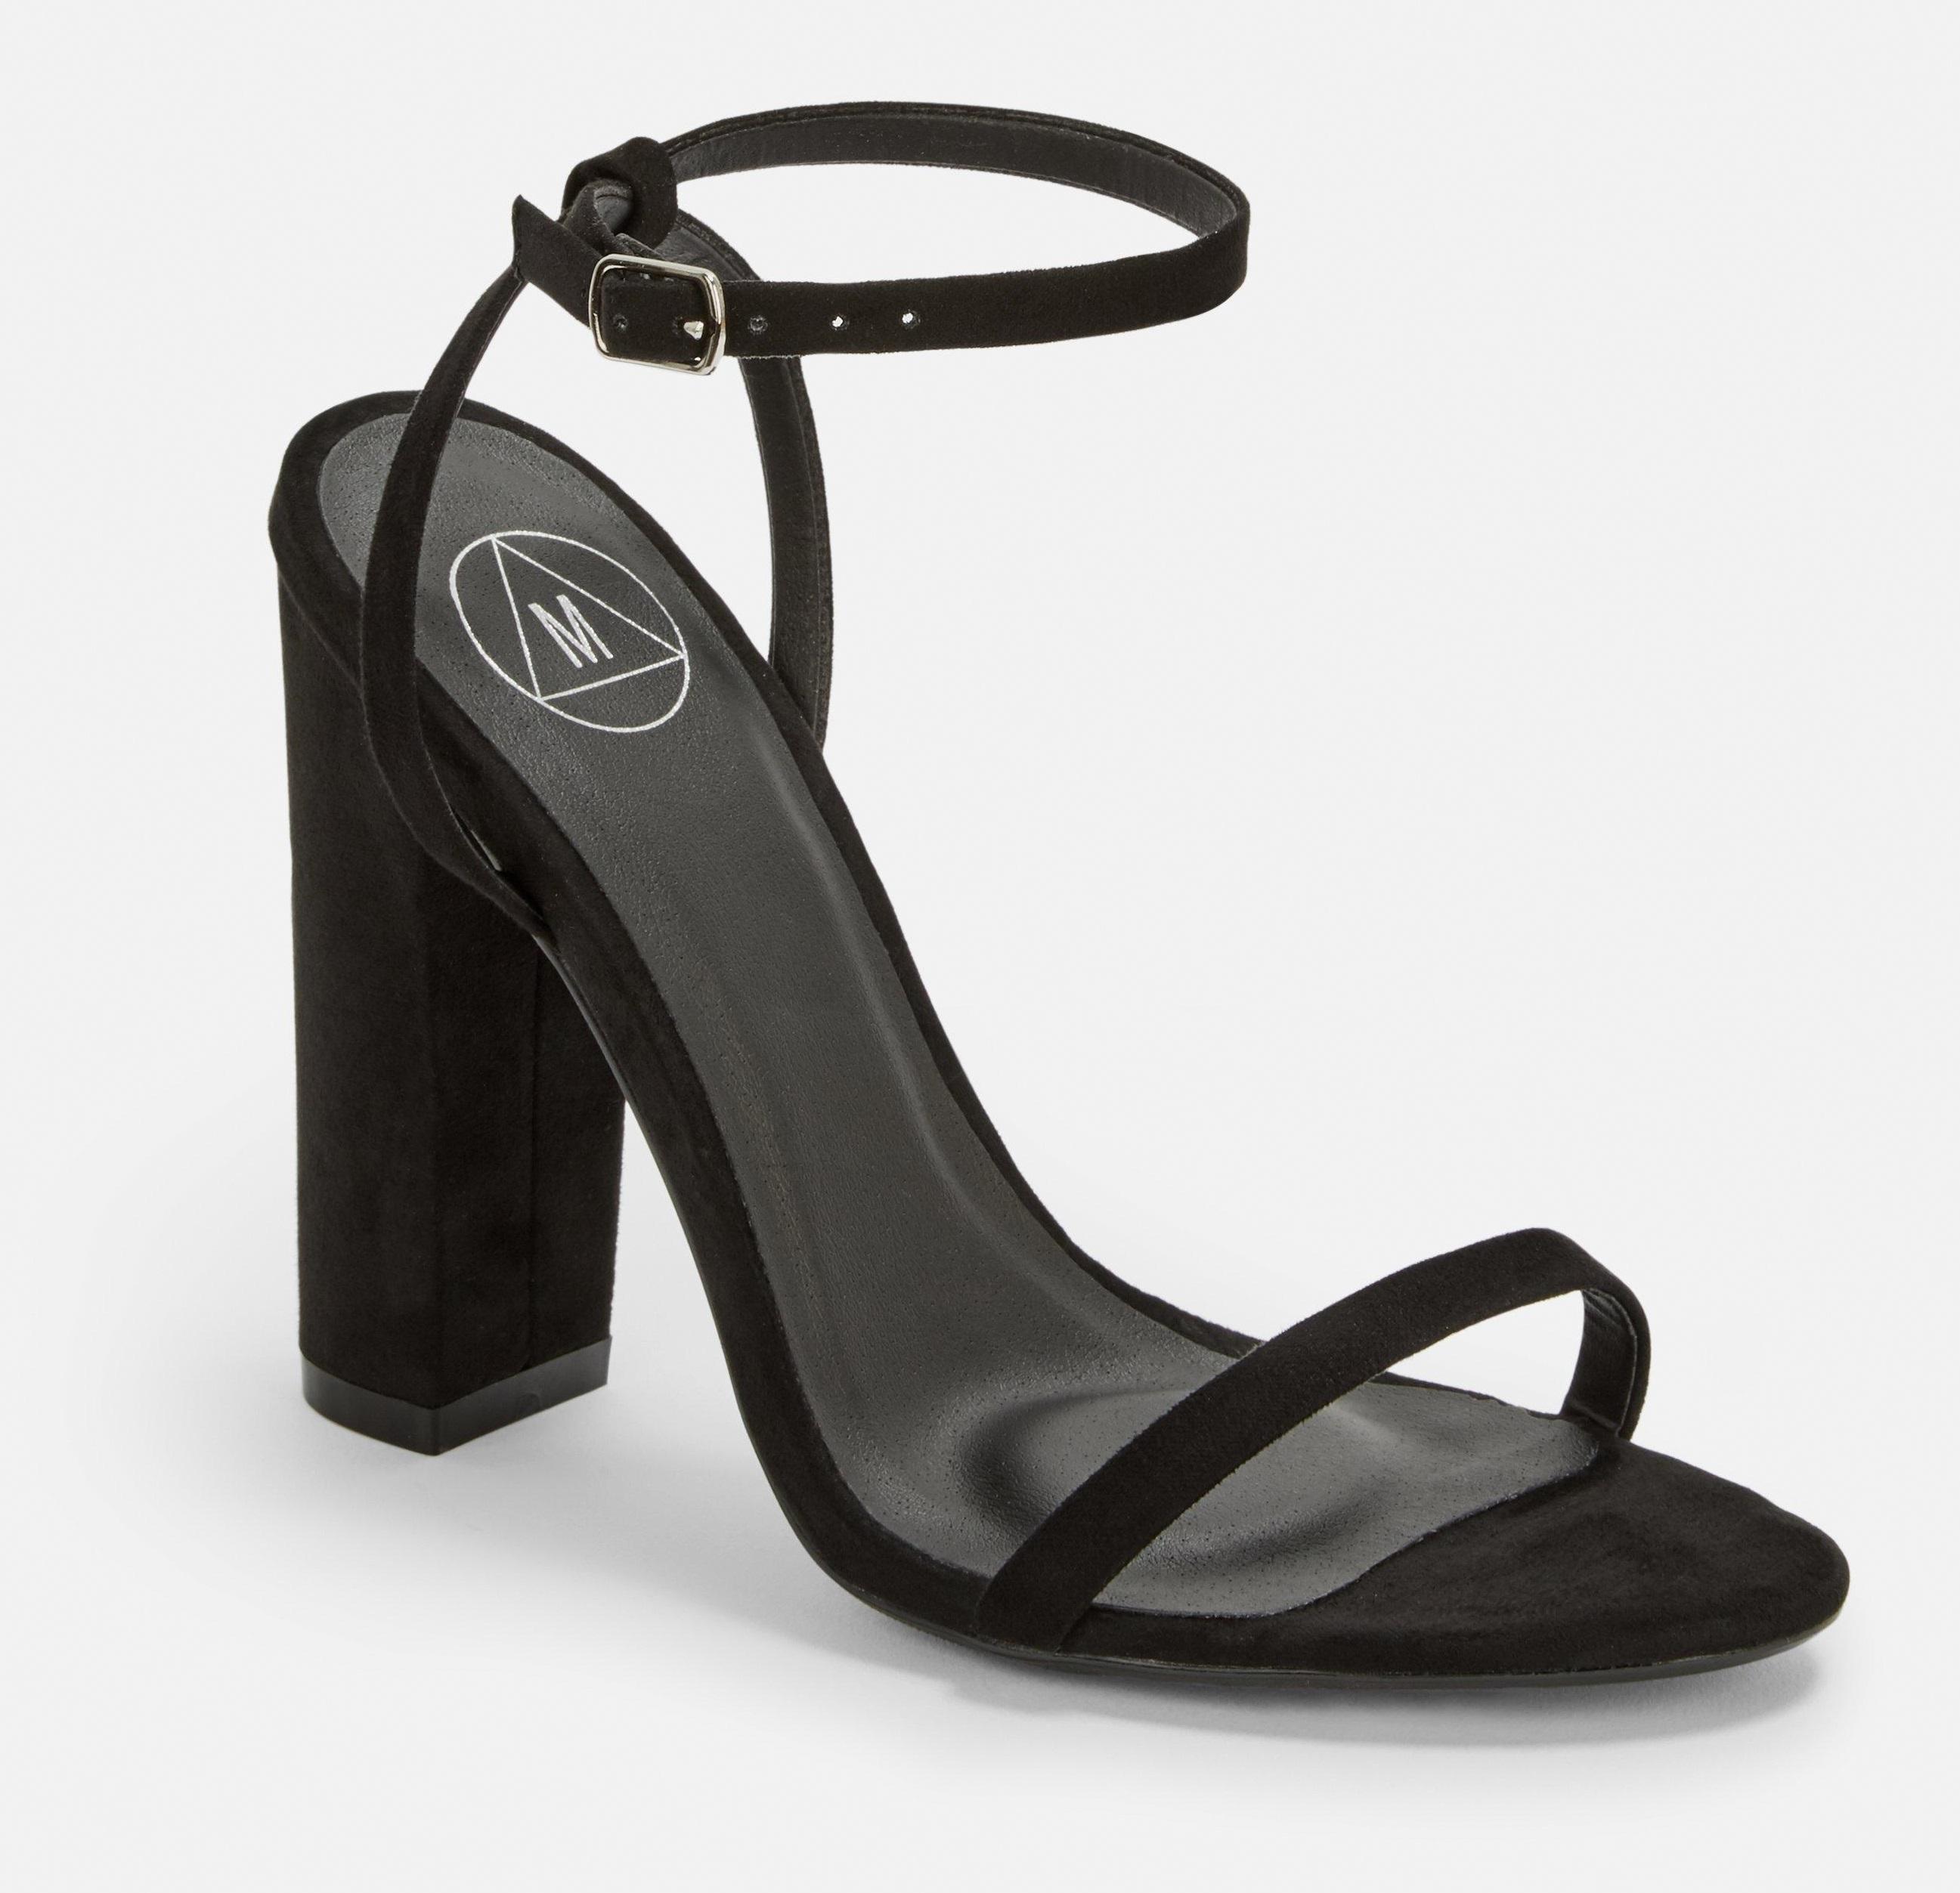 cuban heel